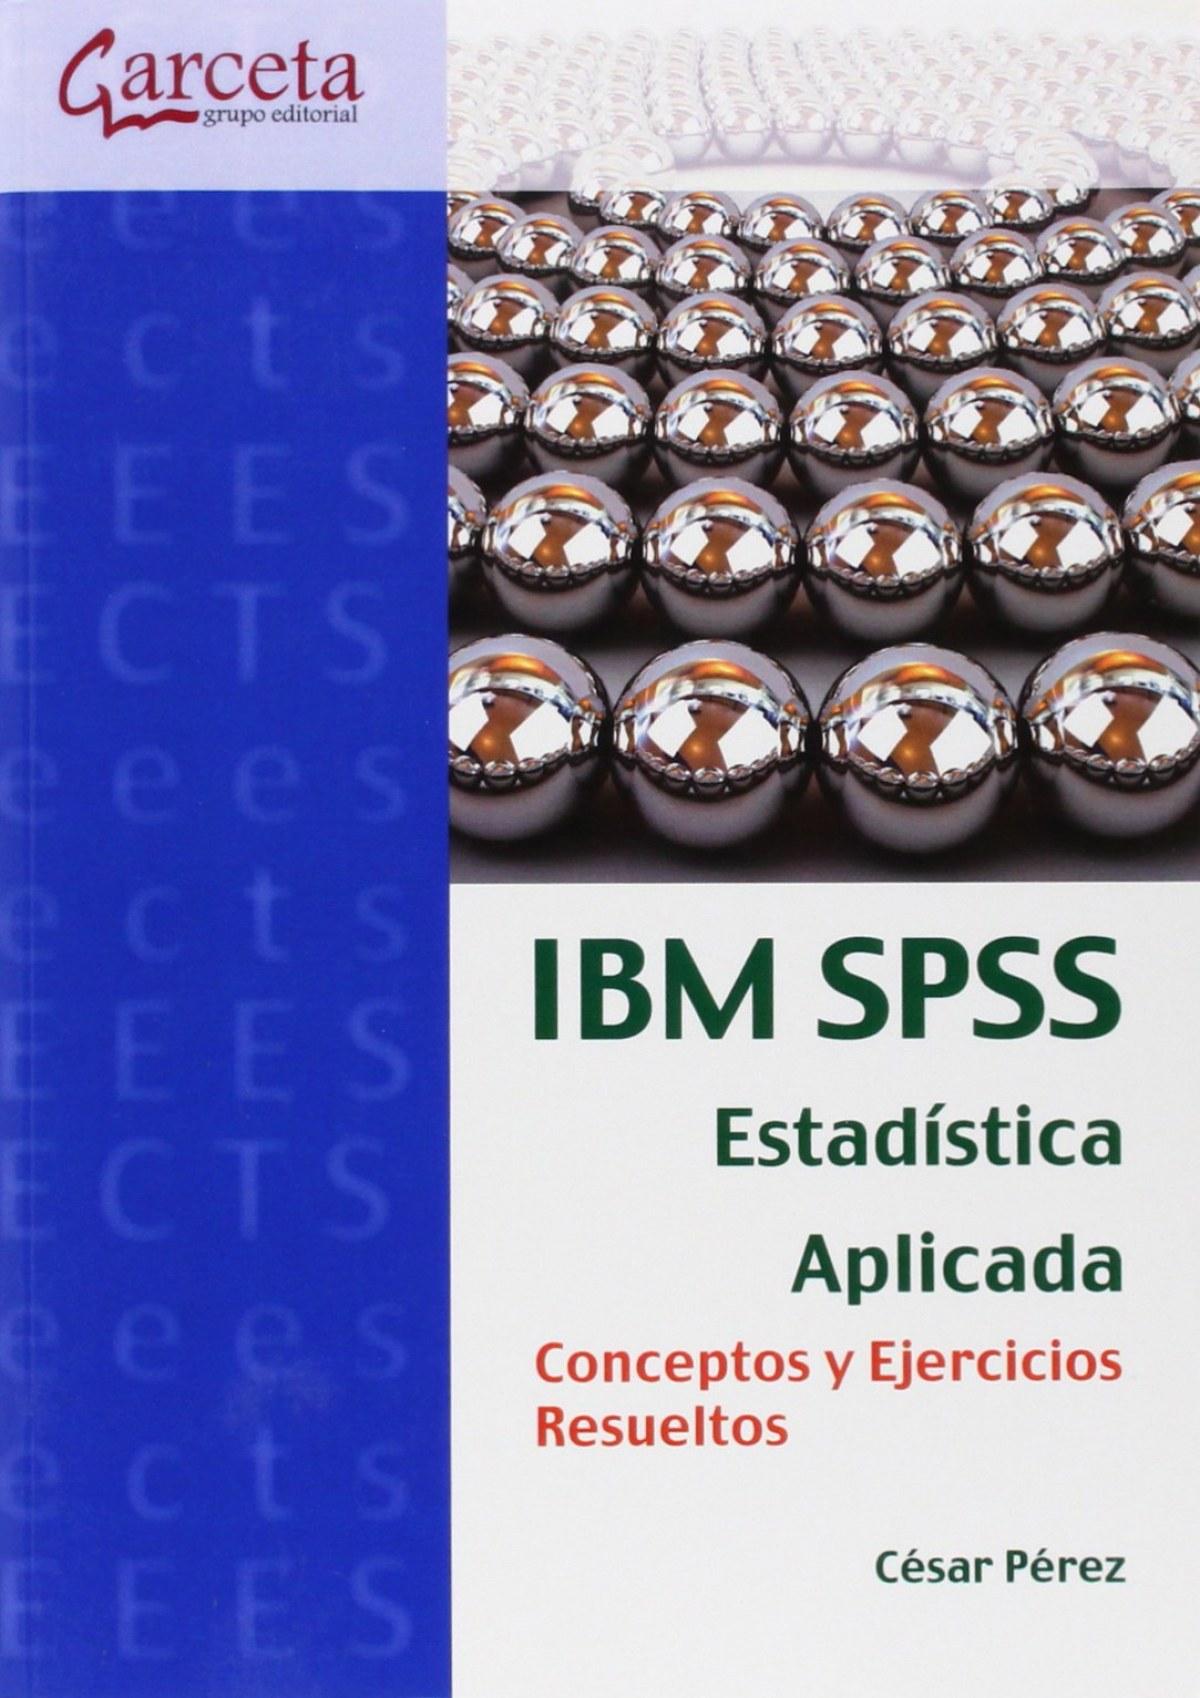 IBM SPSS estadistica aplicada-conceptos y ejercicios resueltos